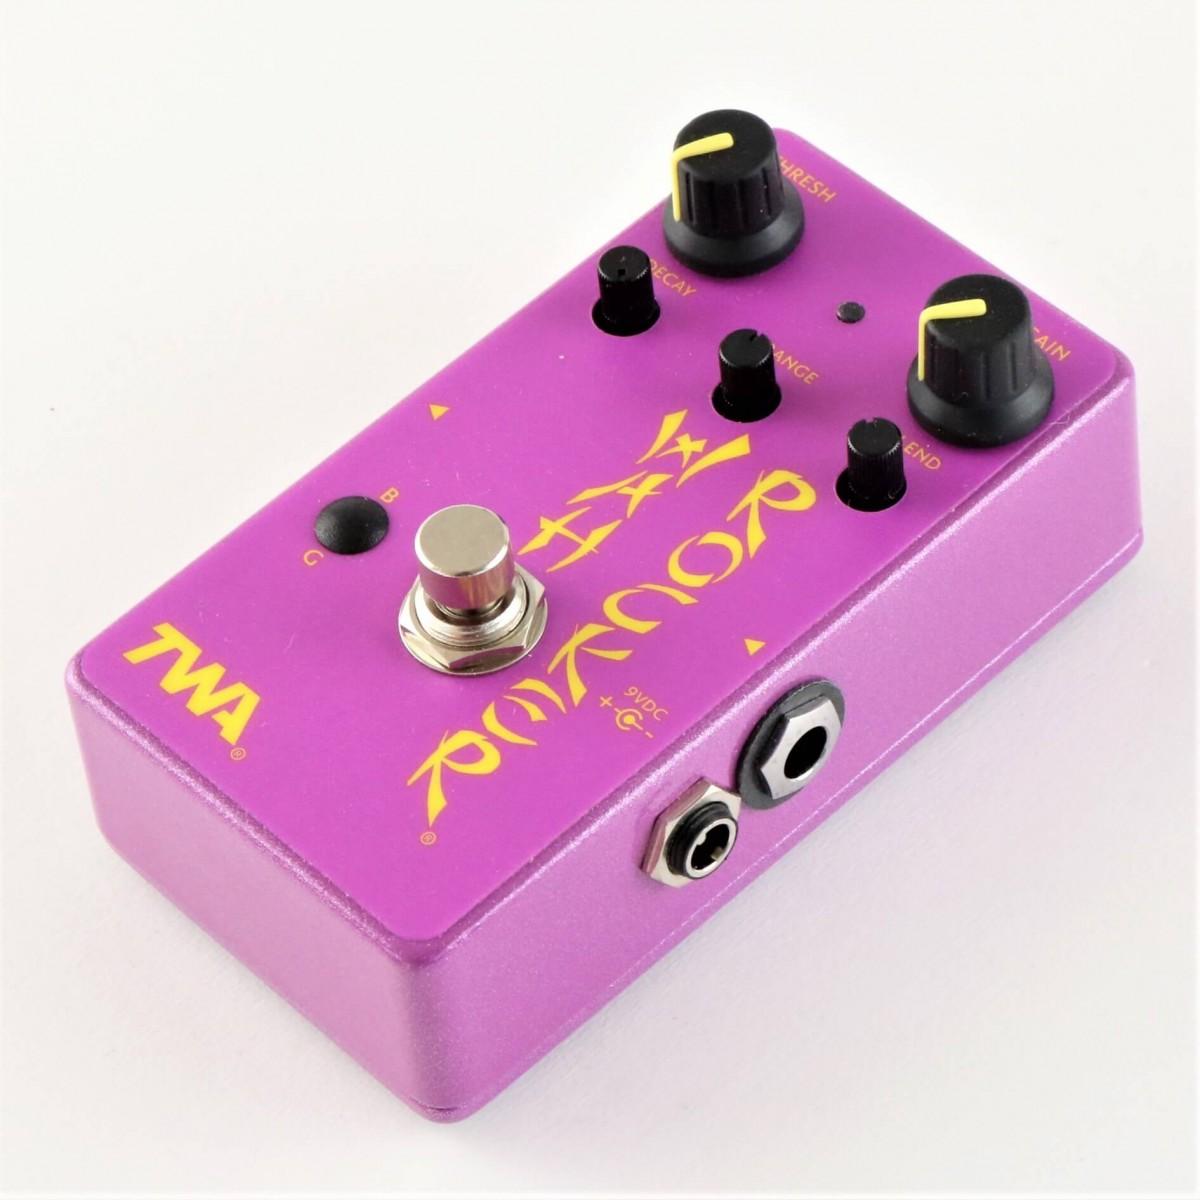 Sansone Strings 5a Corda .125 (solo Aggiuntiva)